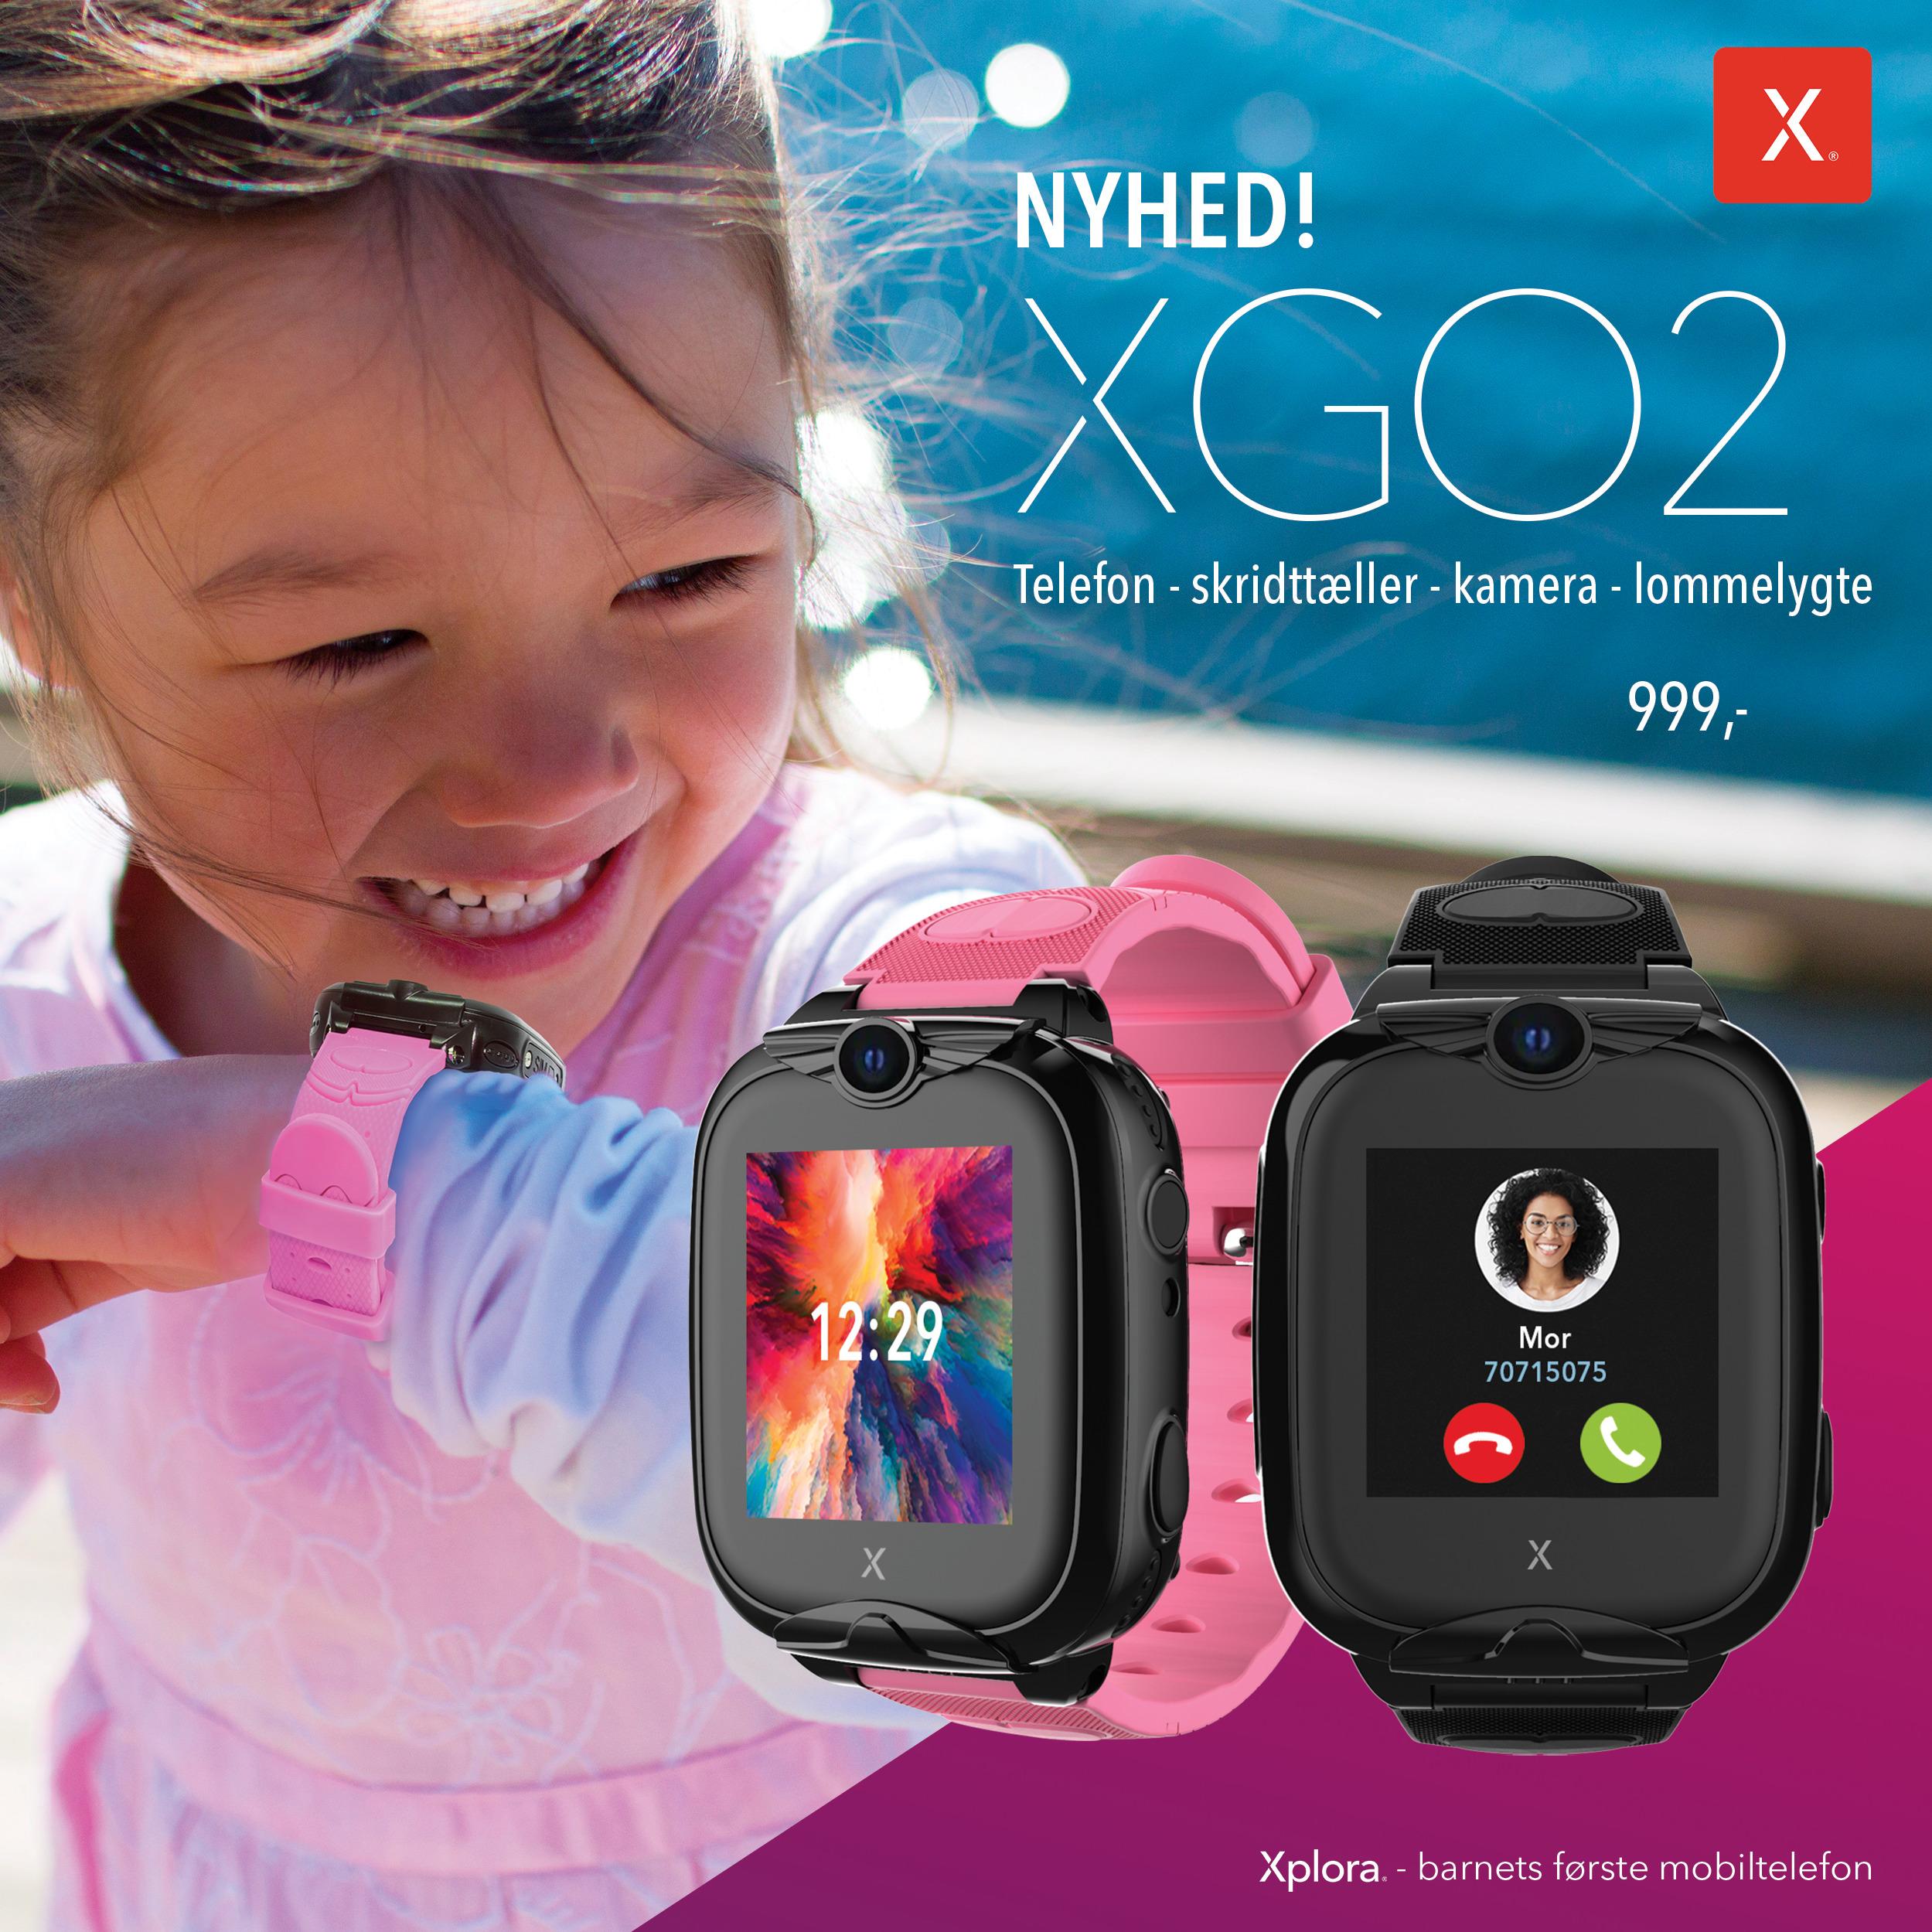 NYHED! Se vores nye Xplora XGO2 smartwatch til børn!